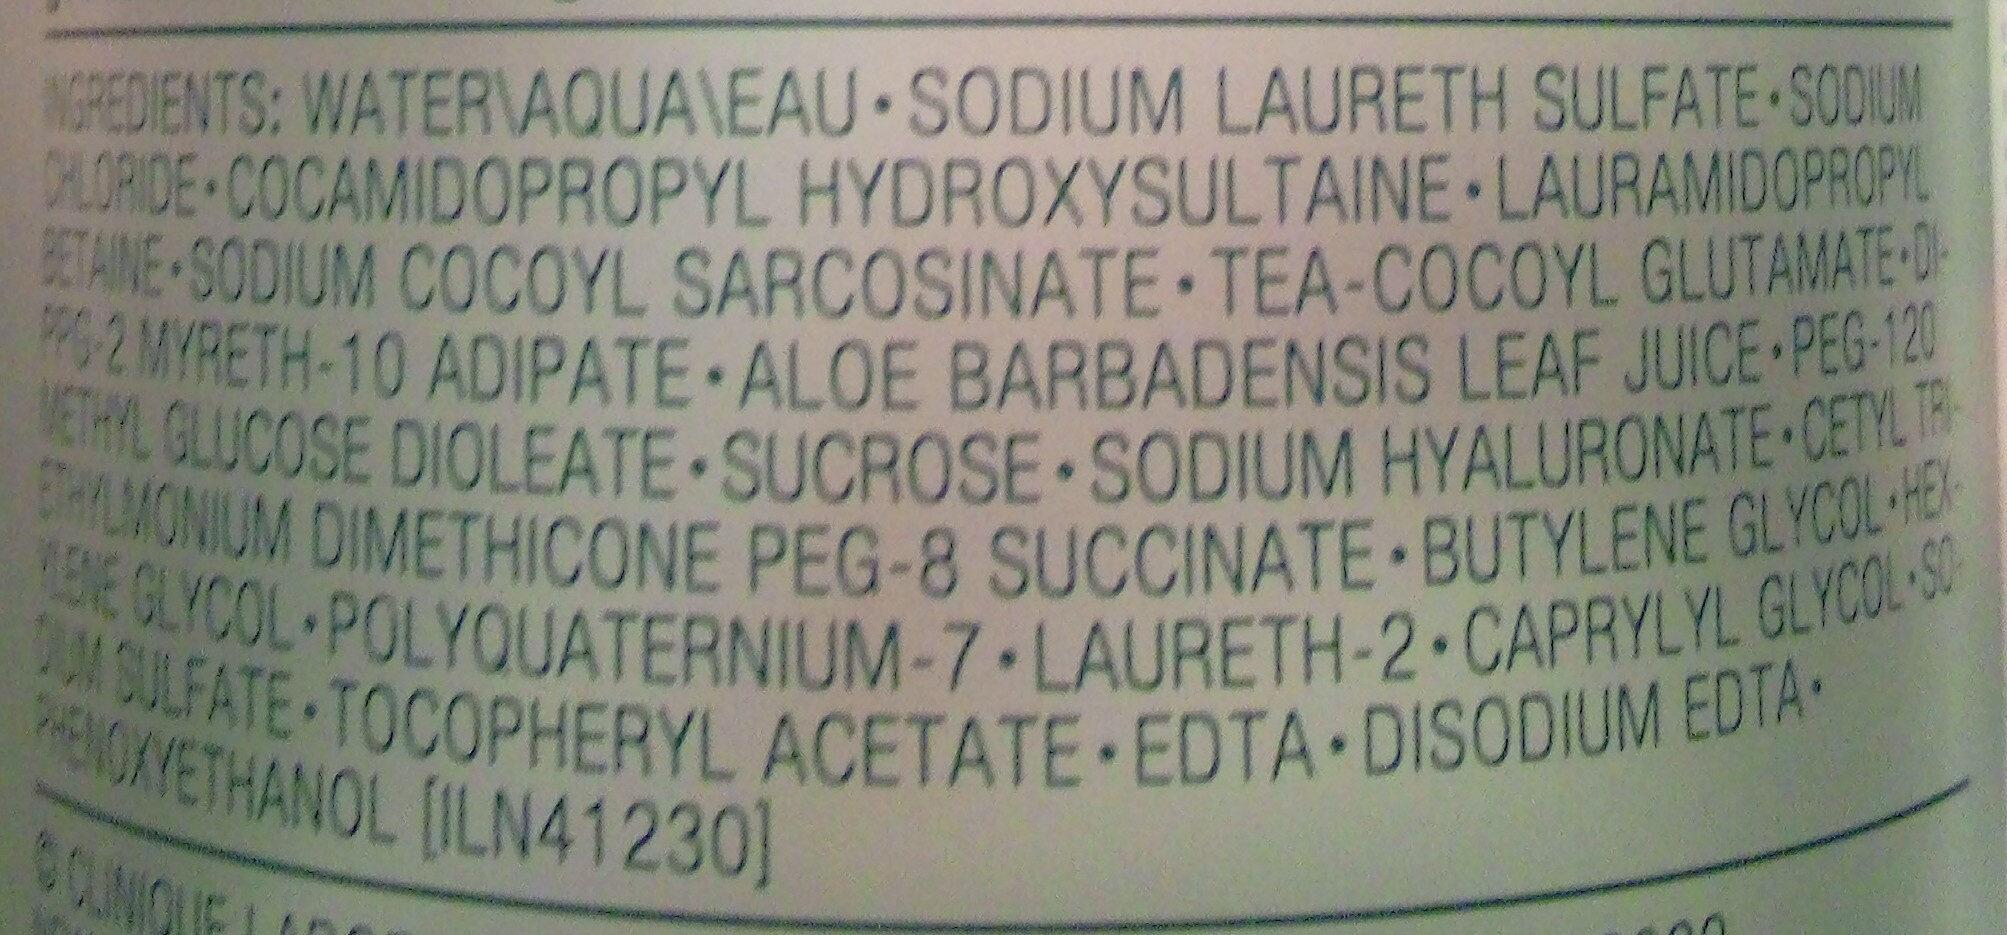 Savon visage liquide doux - Ingredients - fr